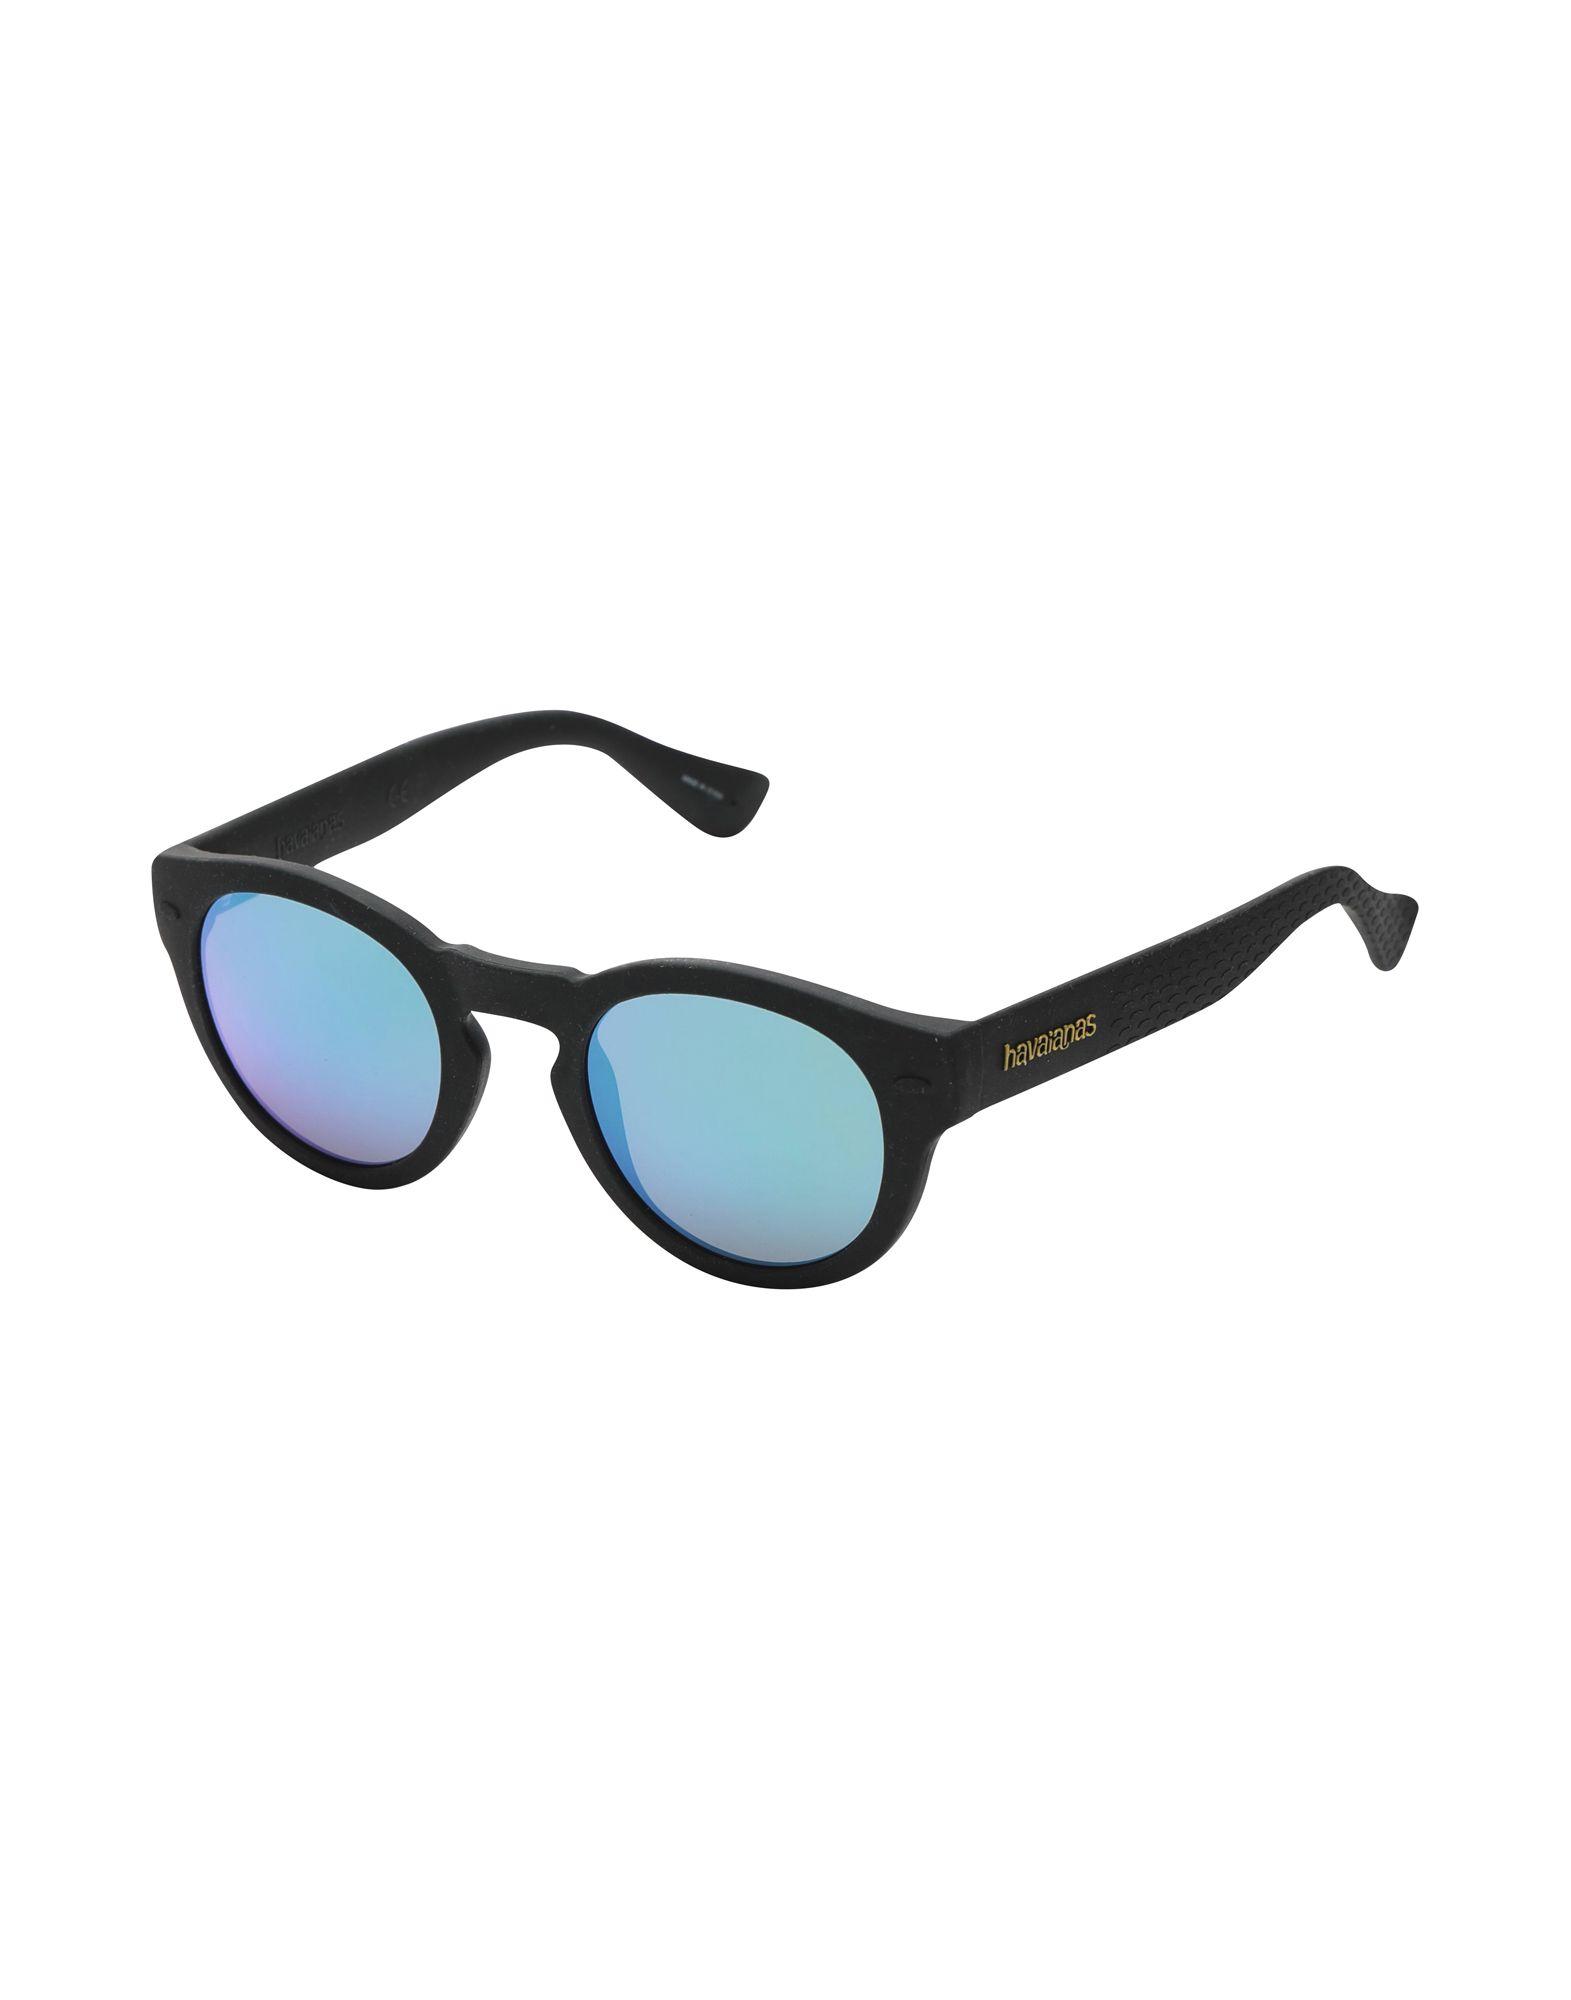 vendita calda online c7bfa 4d13a HAVAIANAS Sunglasses - Sunglasses E   YOOX.COM